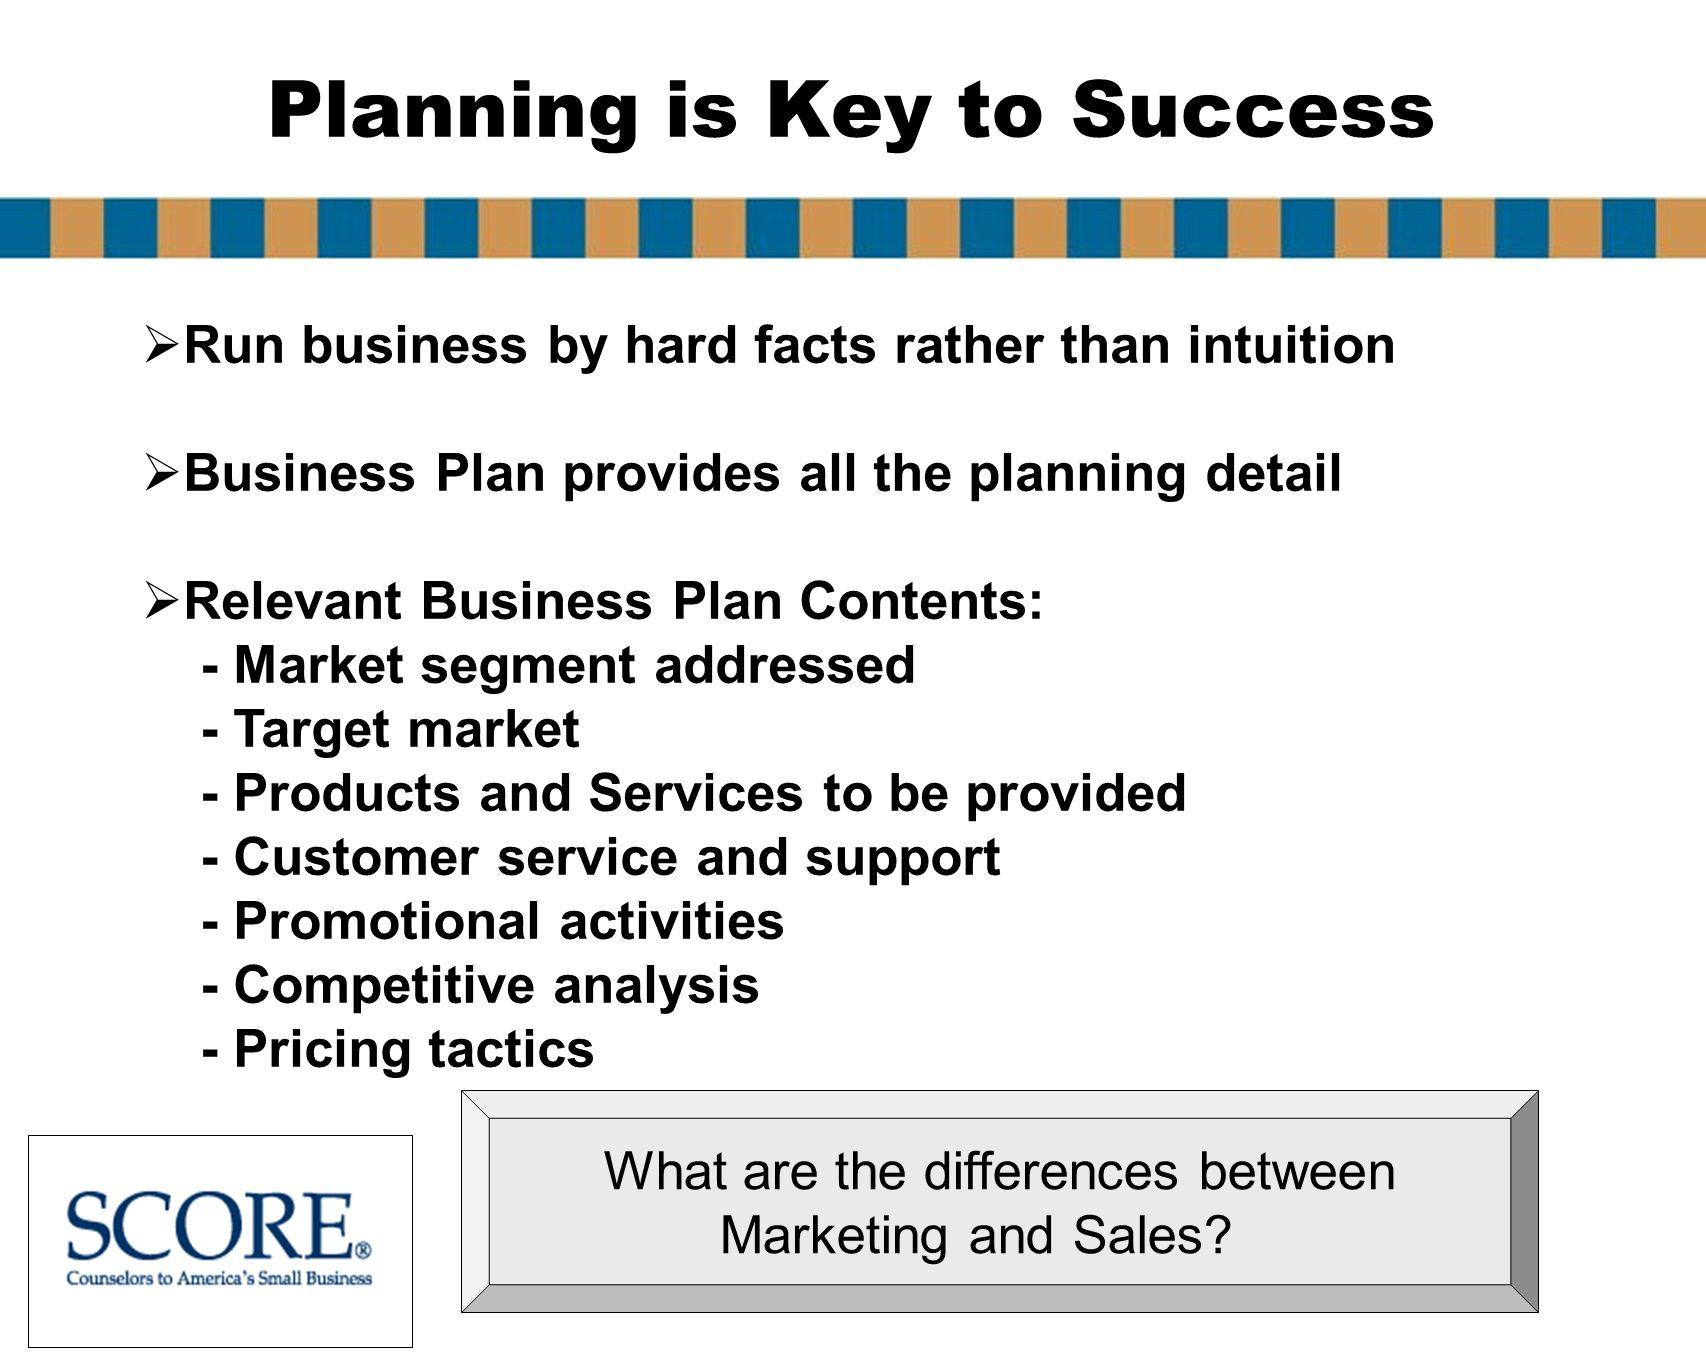 Score business plan help